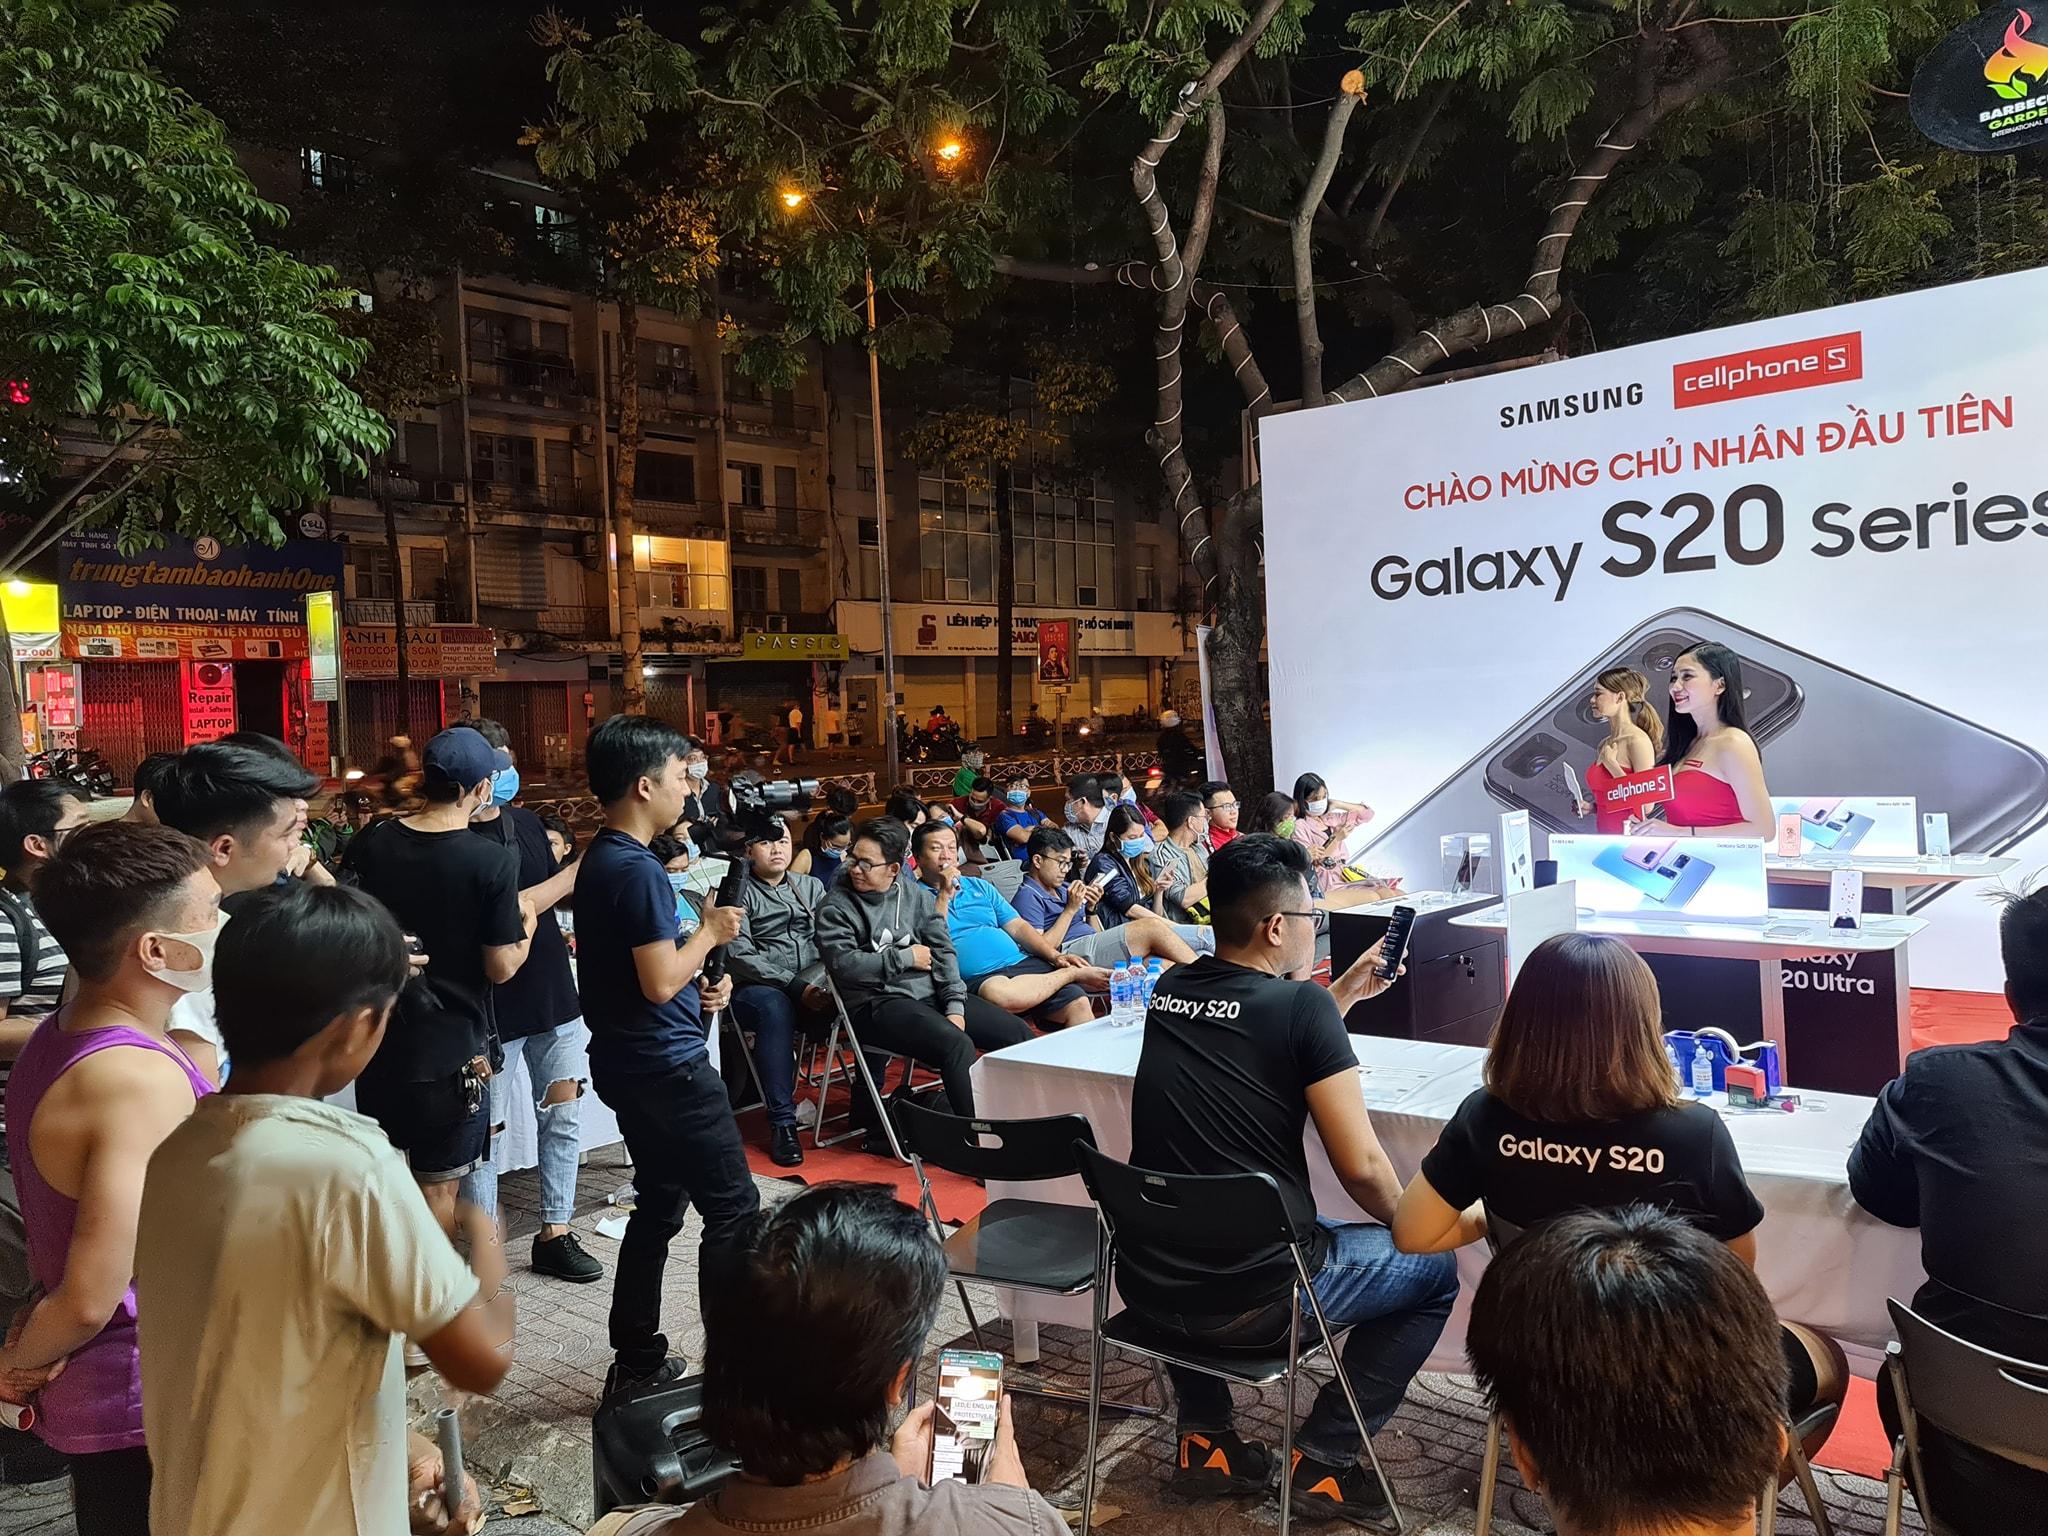 Hôm nay, bộ ba Galaxy S20 chính thức lên kệ tại Việt Nam, phần lớn người dùng chọn S20 Ultra dù giá xấp xỉ 30 triệu đồng